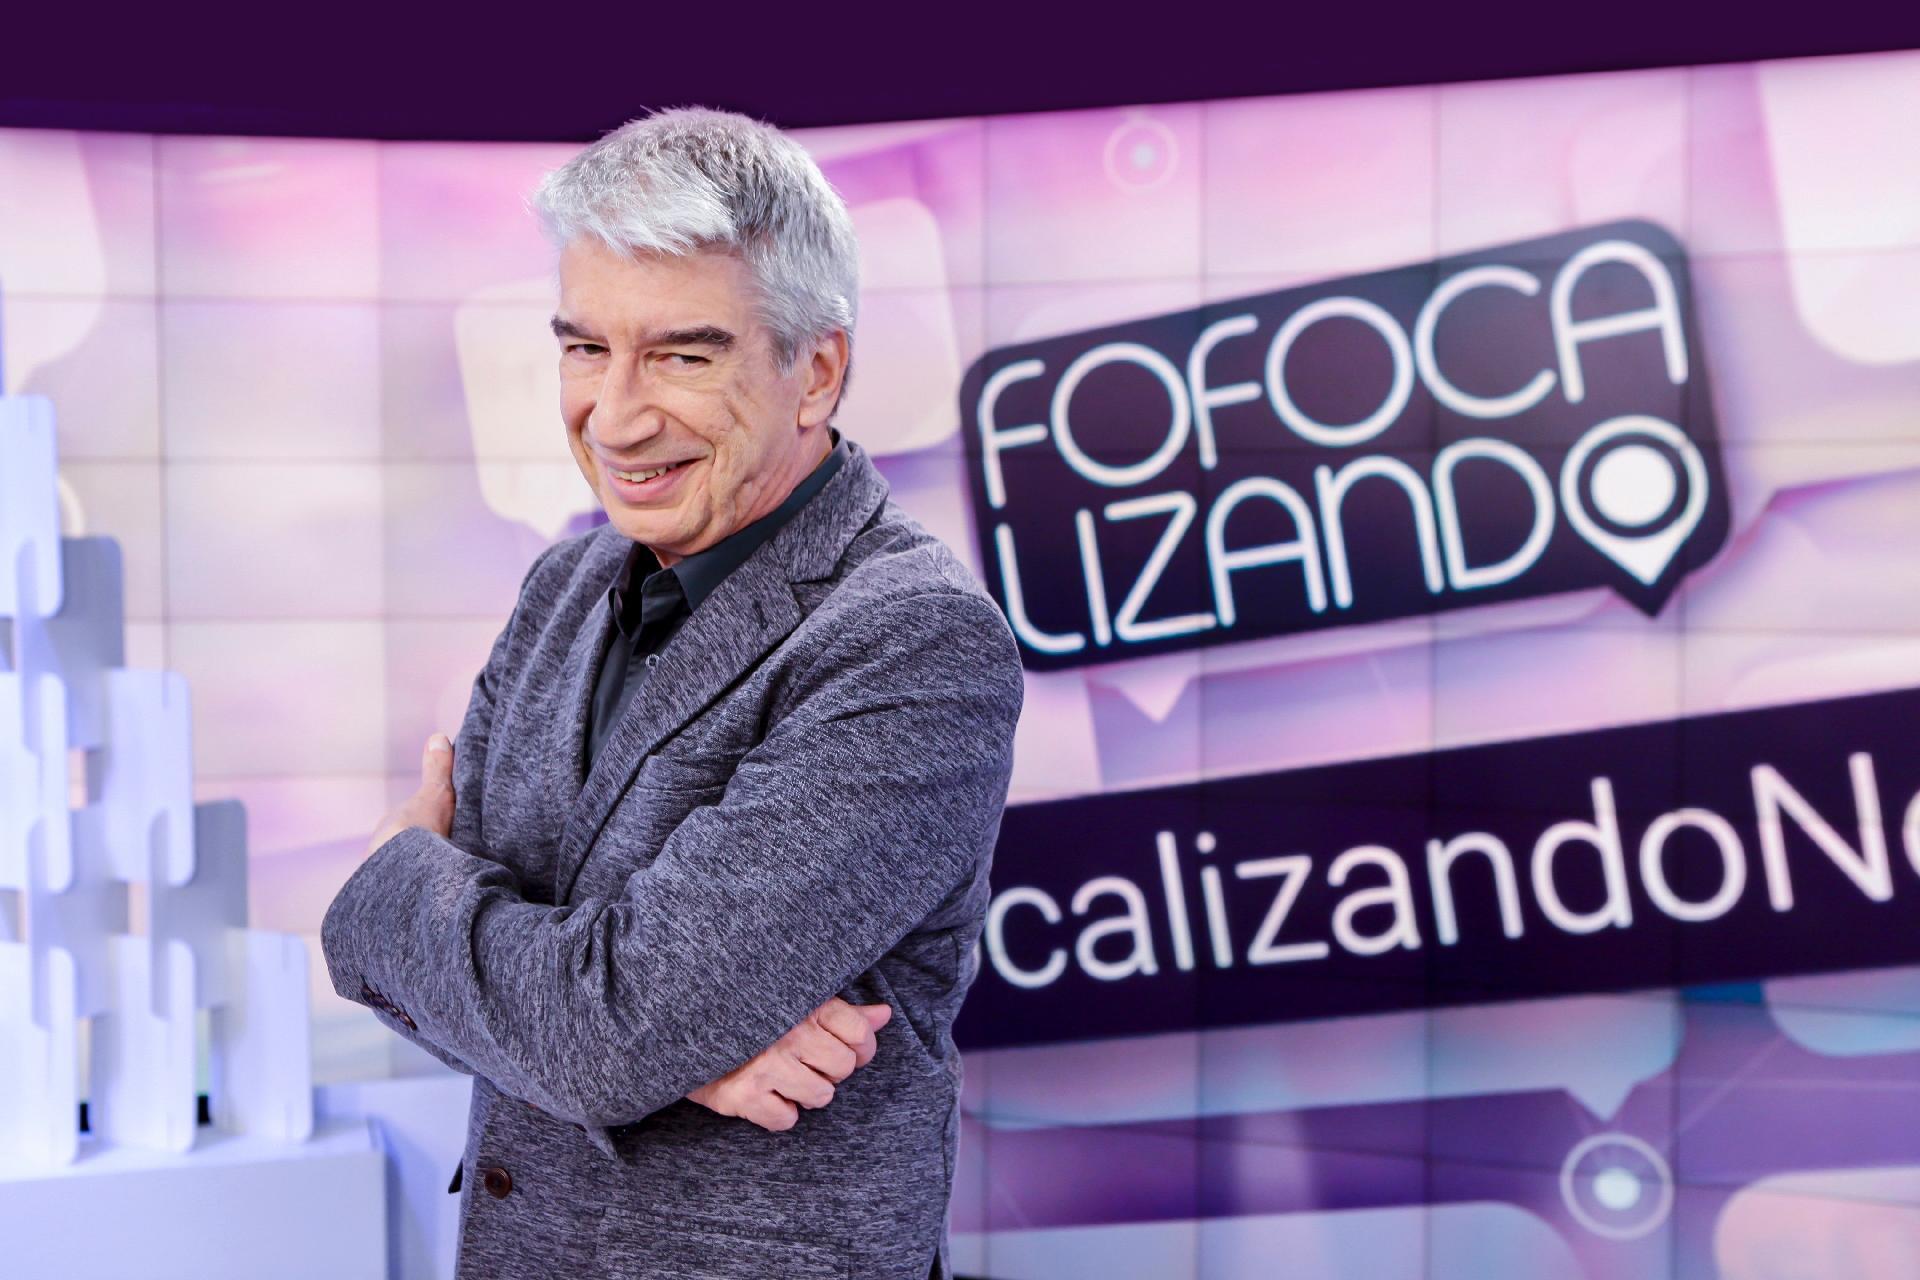 Décio Piccinini no Fofocalizando (Foto: Reprodução)